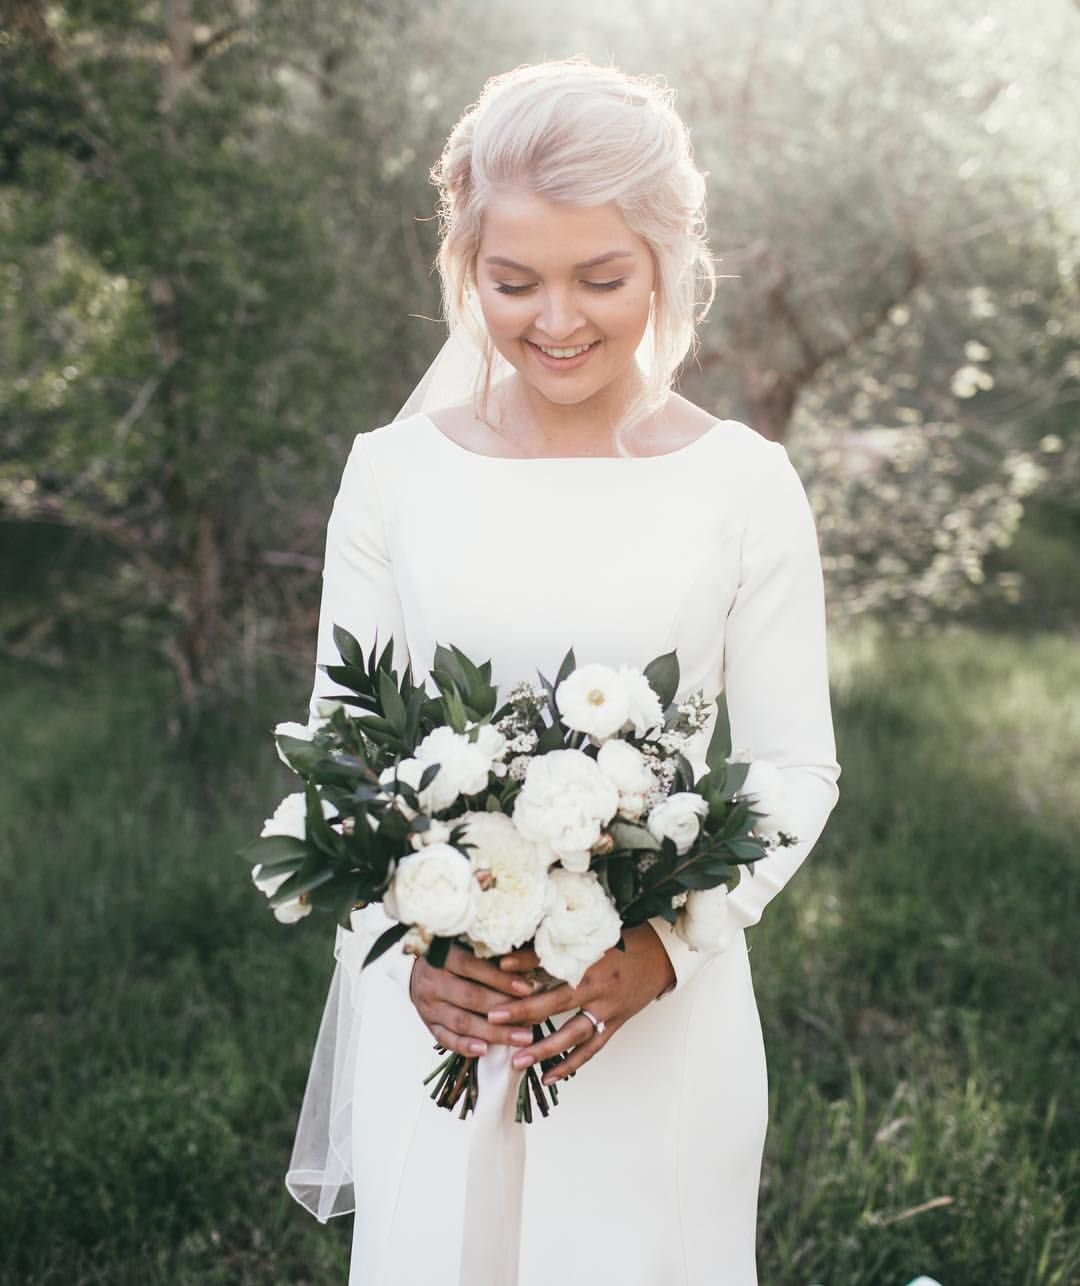 Emmy Lowe Photo On Instagram Emmylowephoto Wedding Dresses